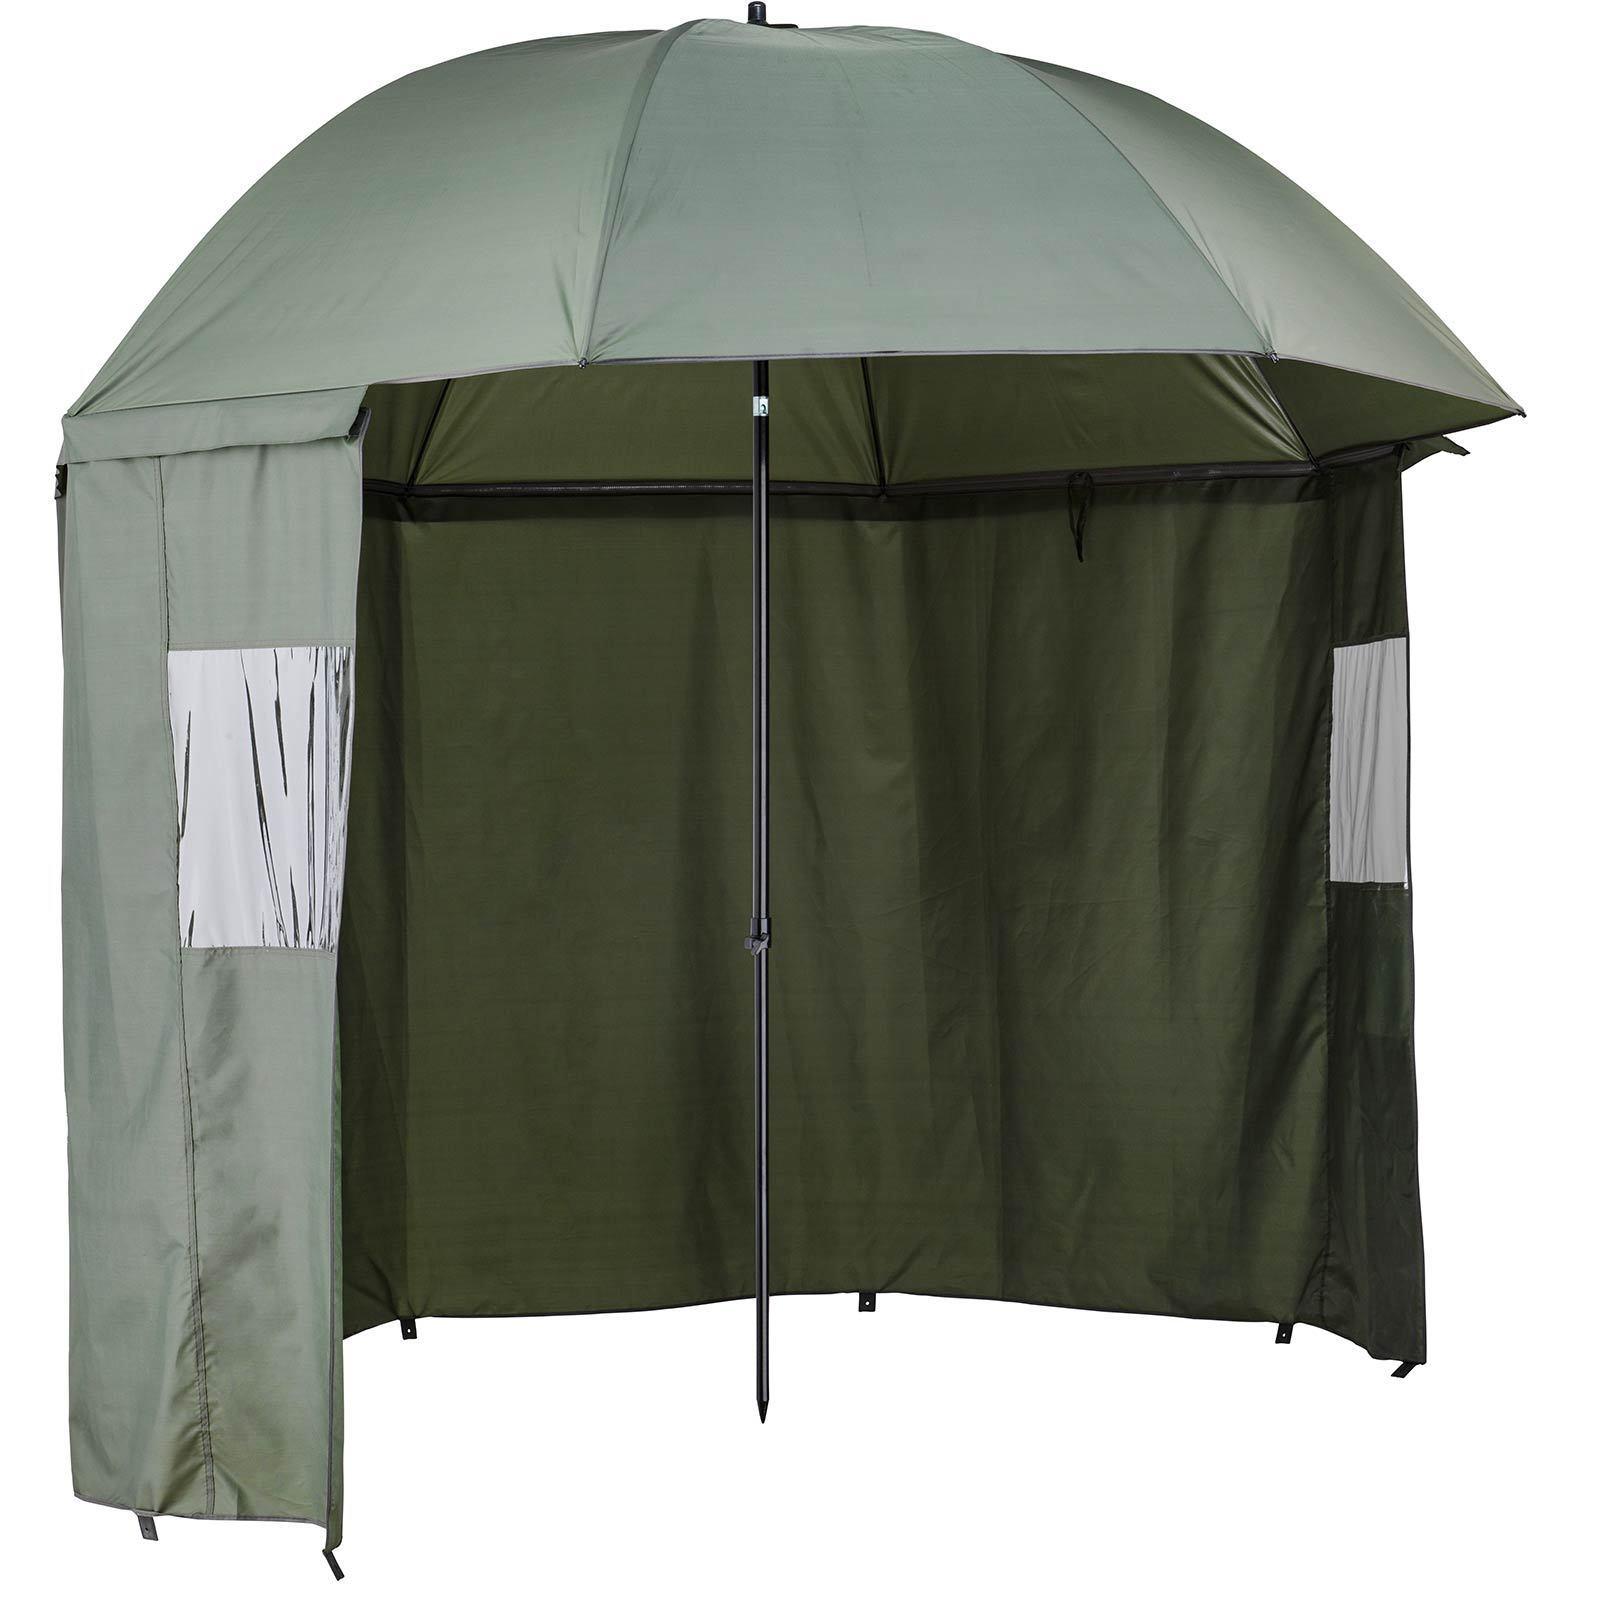 CORMORAN ombrello Tenda Tenda Pesca OmbrelloDeluxe 2,5m Arco larghezza di serraggio